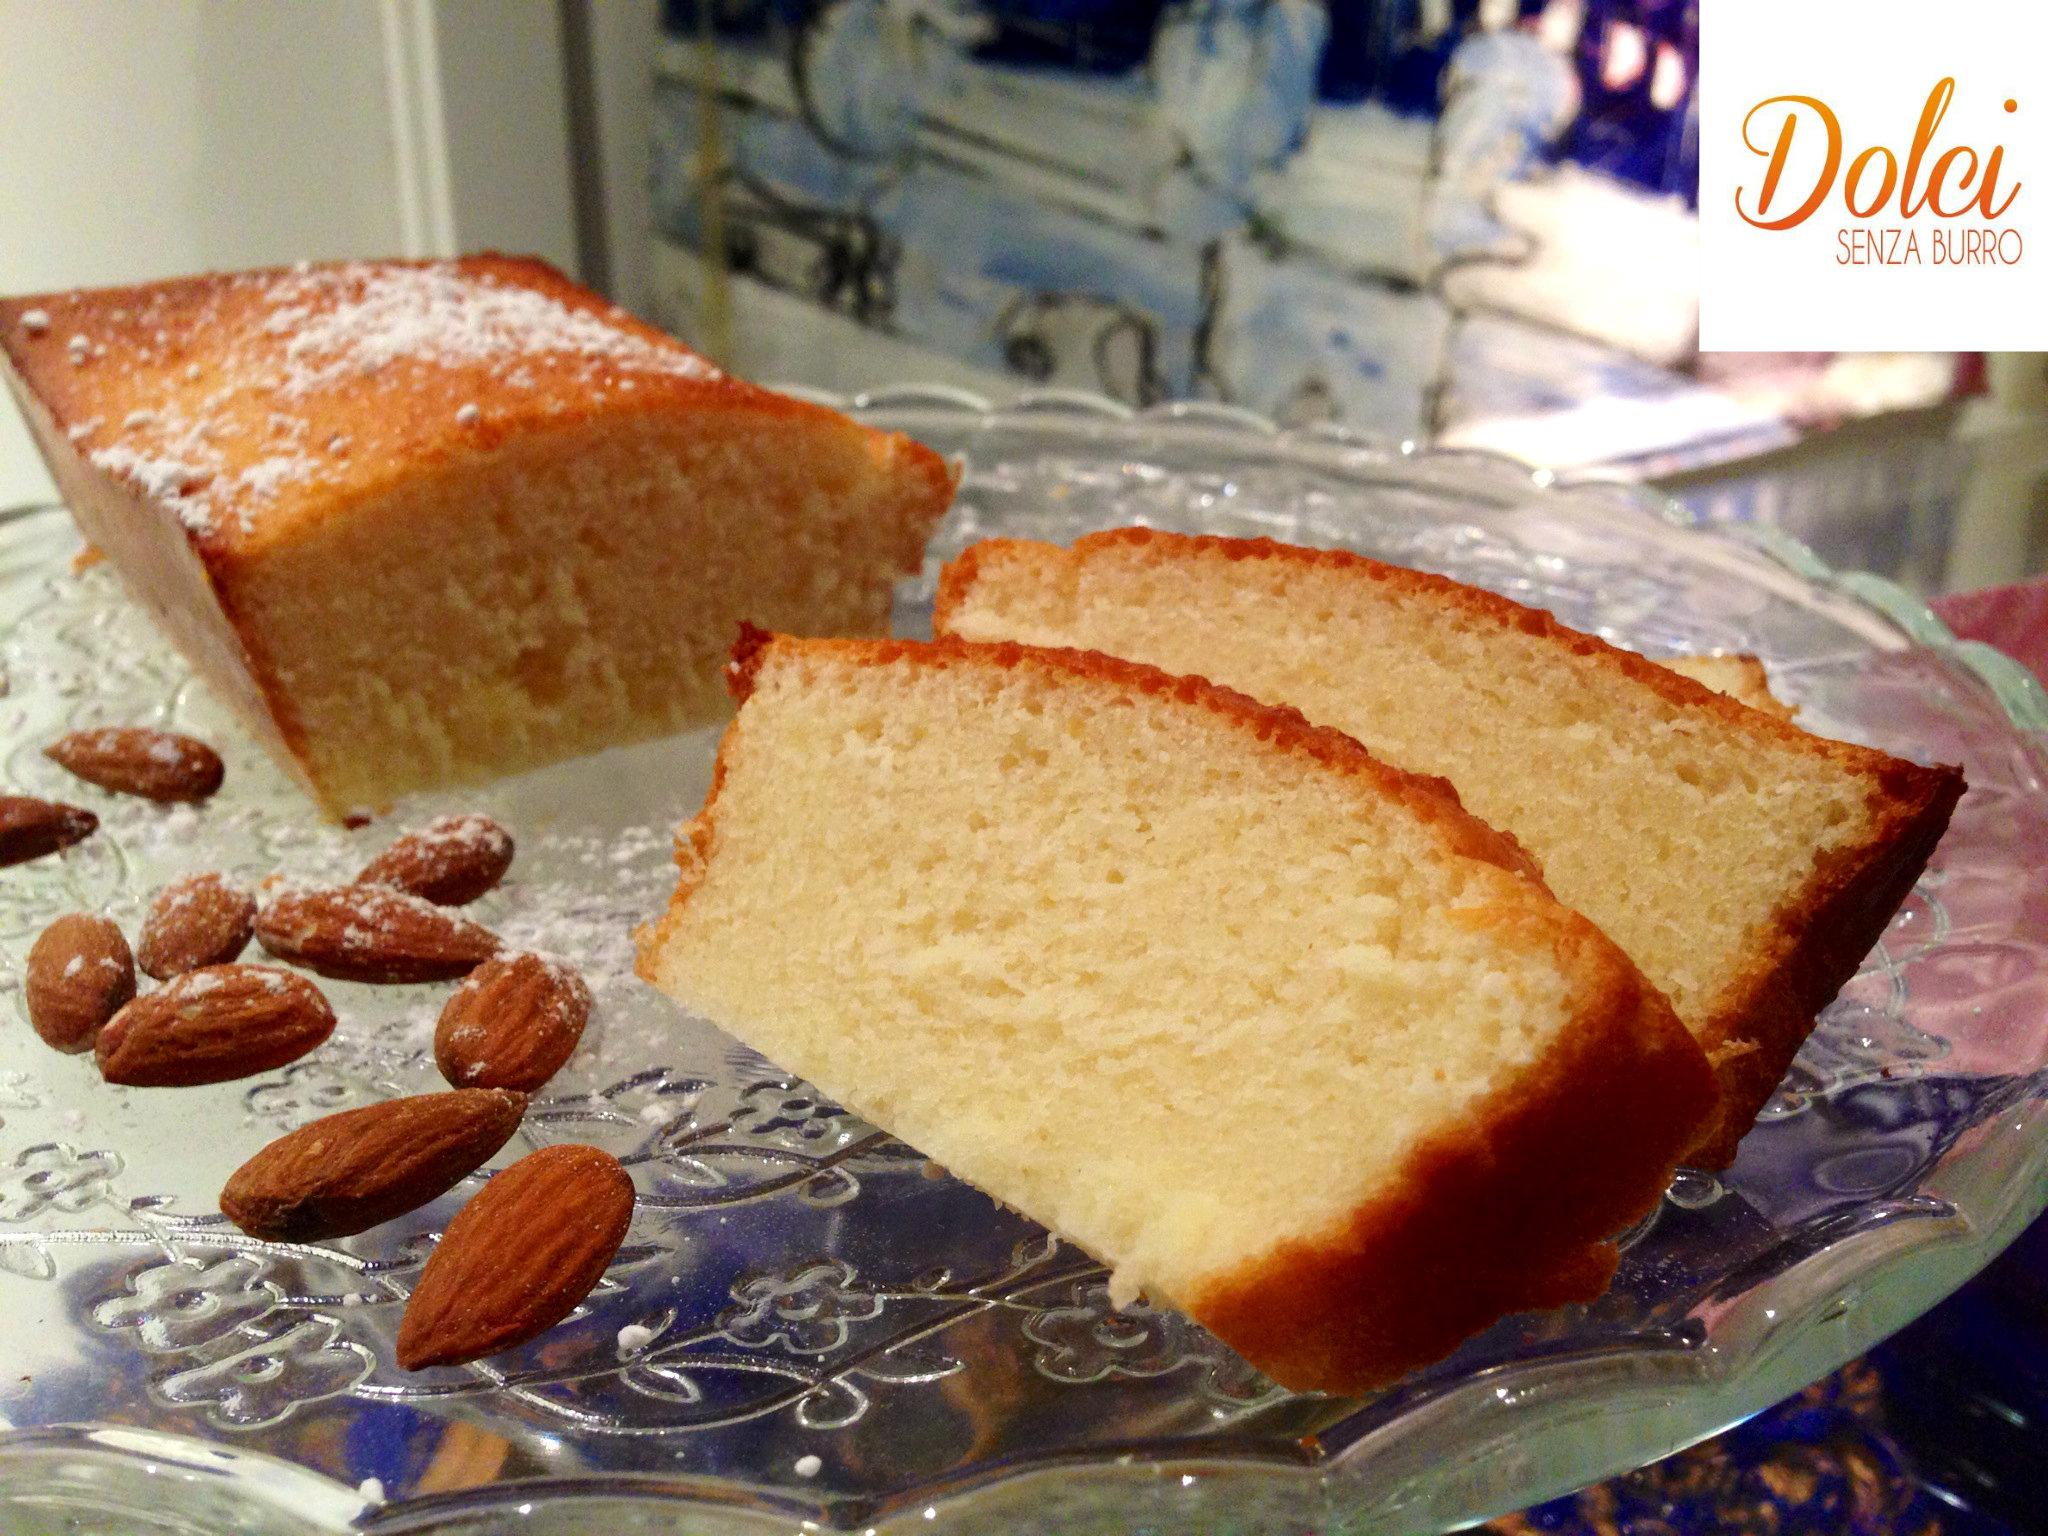 Torta alle Mandorle Senza Burro, il dolce senza lattosio di dolci senza burro